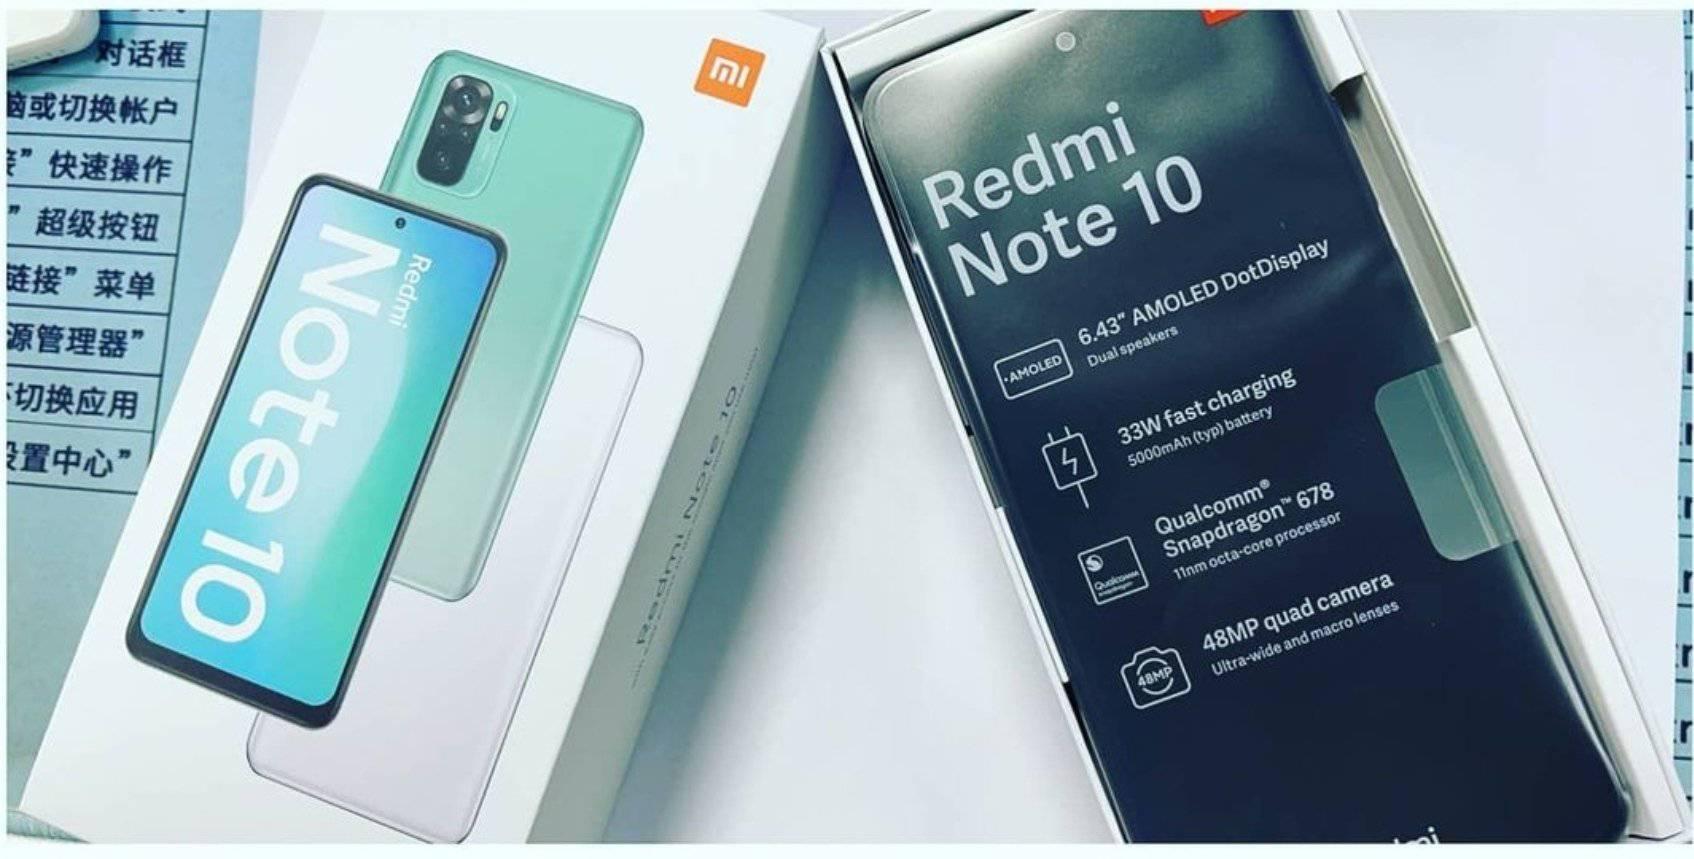 Базовая версия Redmi Note 10 получит процессор Snapdragon 678 и и  48-мегапиксельную камеру